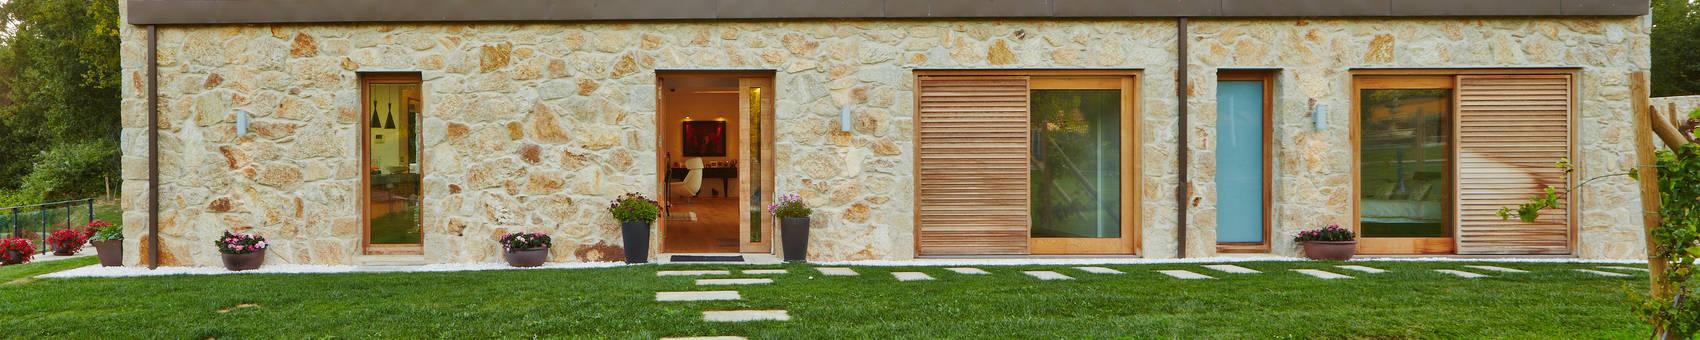 Vivienda Unifamiliar en Tomiño, Pontevedra (Spain): Casas de estilo  de HUGA ARQUITECTOS, Rústico